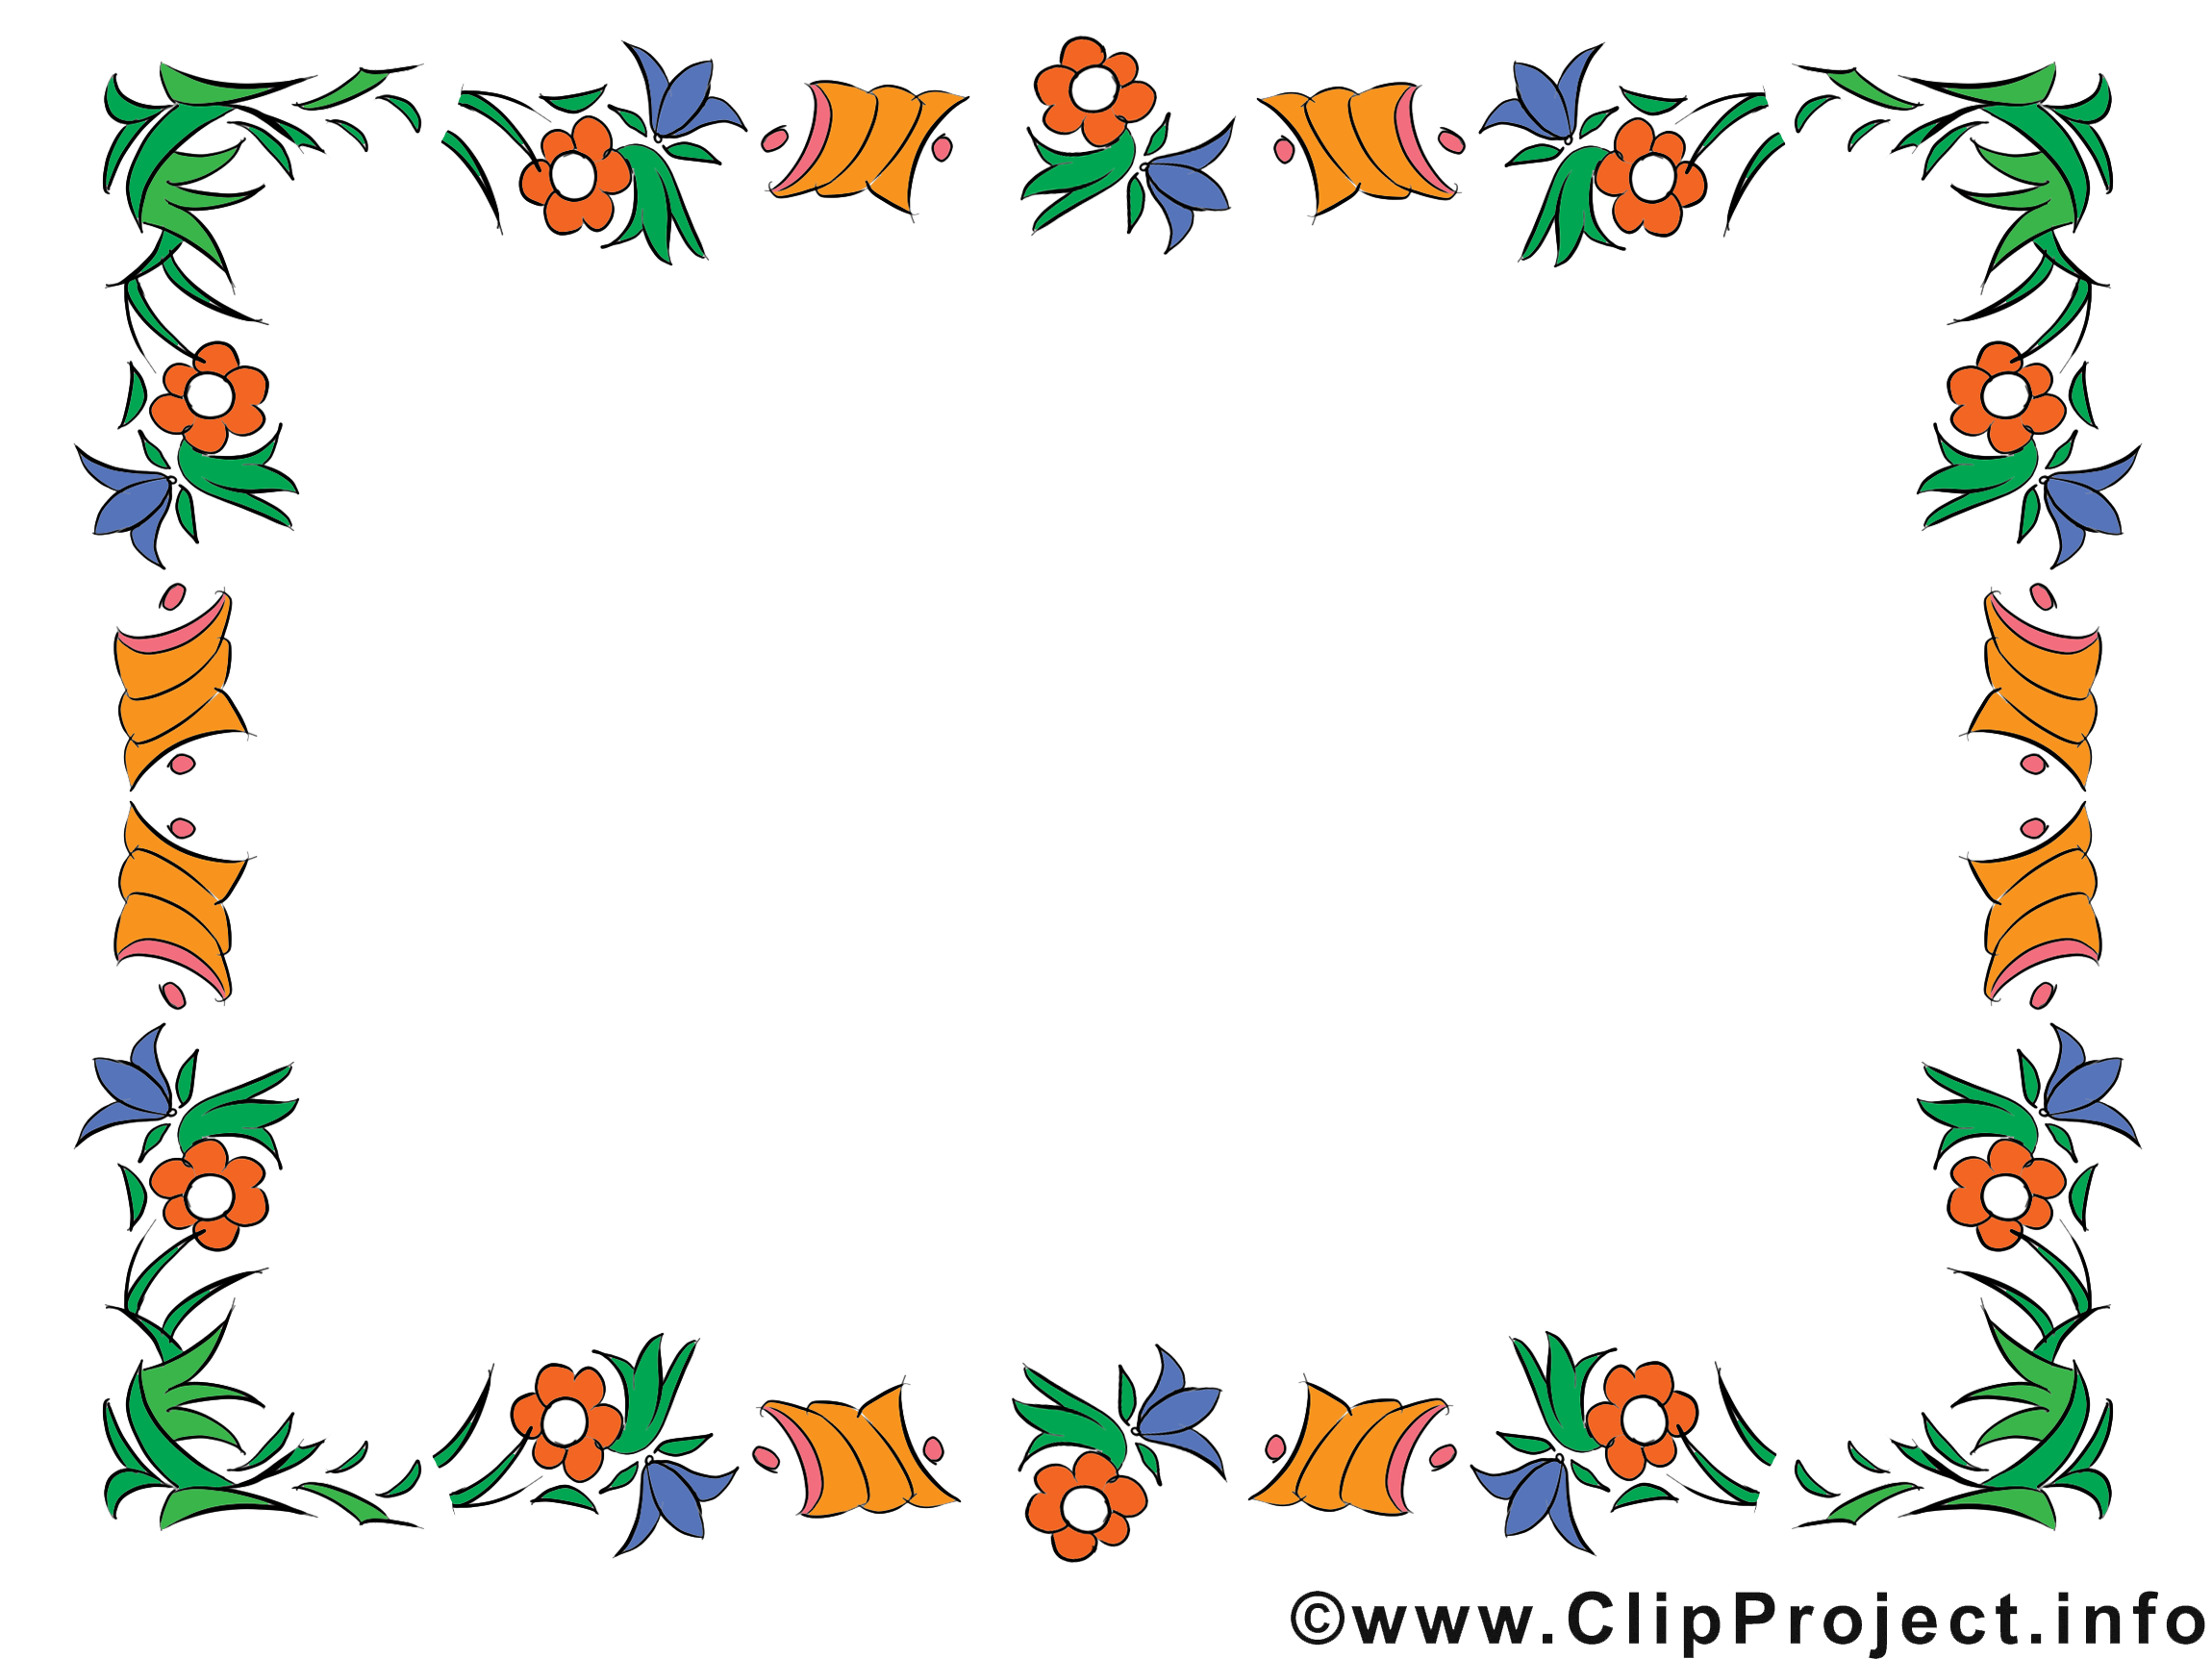 Einladung geburtstag clipart clip art free download Cliparts und rahmen kostenlos - ClipartFest clip art free download